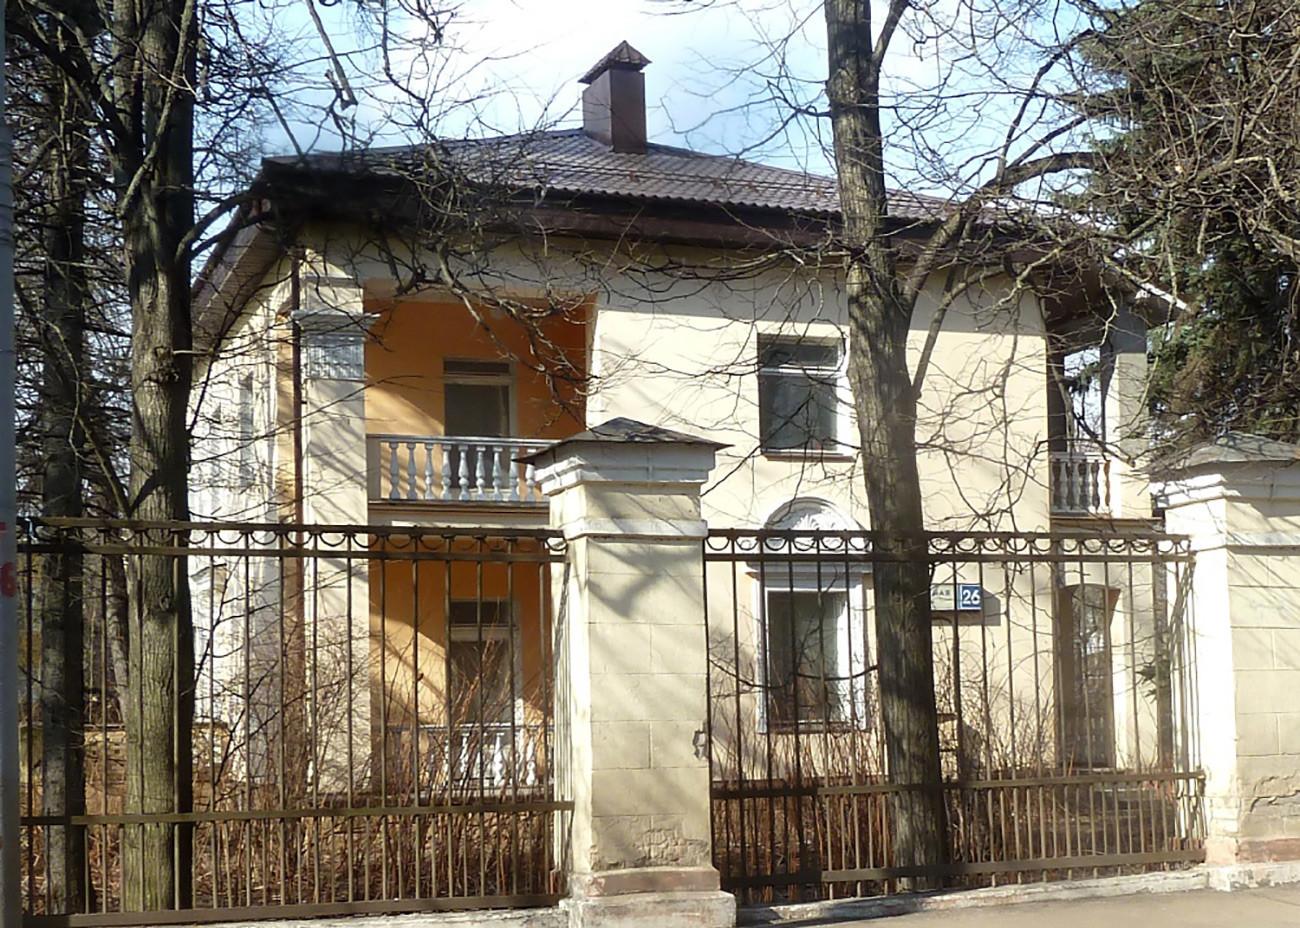 ул. Пехотнаја бр. 26, Москва, кућа Валерија Легасова